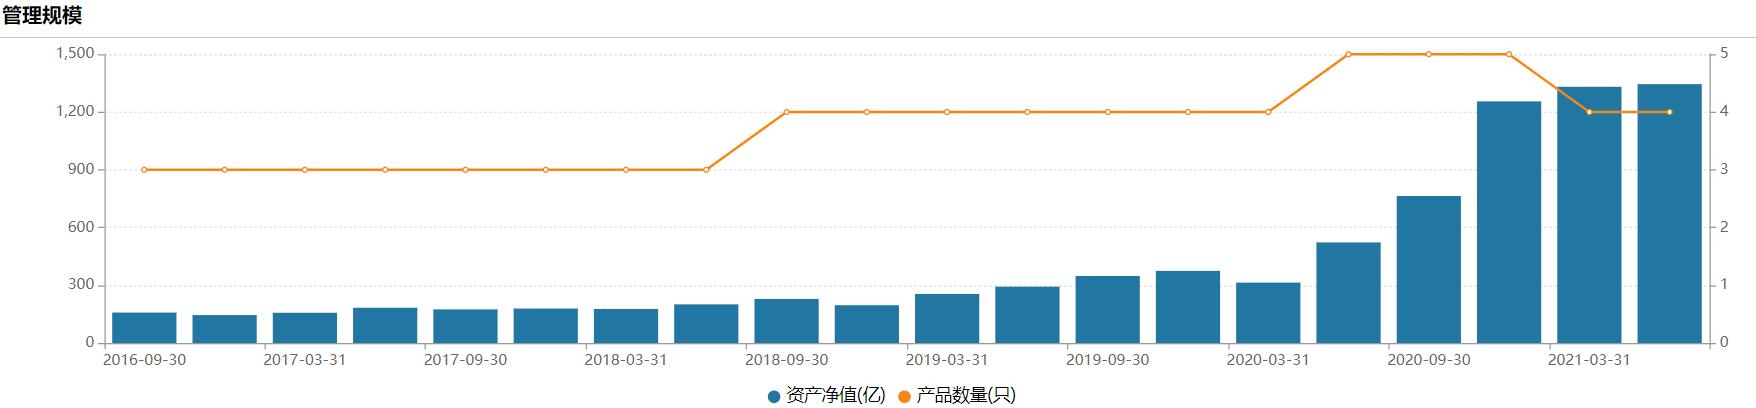 张坤近5年来管理规模变化,来源:Wind